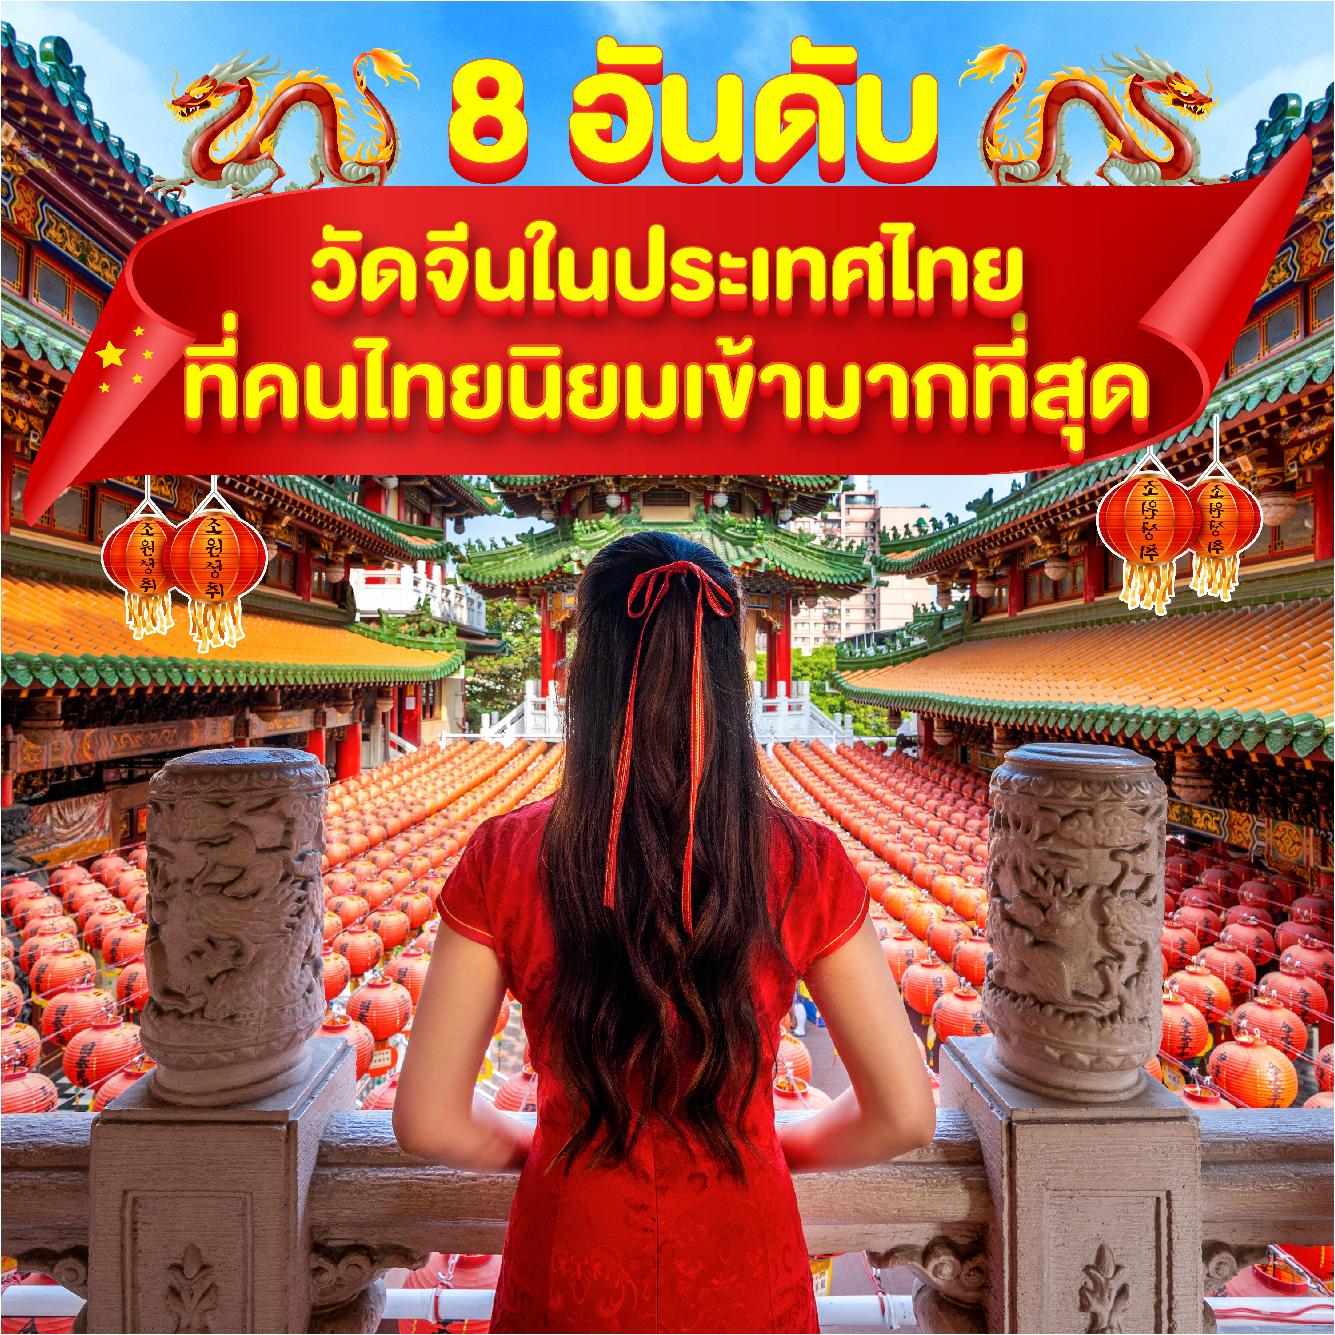 8 อันดับวัดจีนในประเทศไทยที่คนไทยนิยมเข้ามากที่สุด